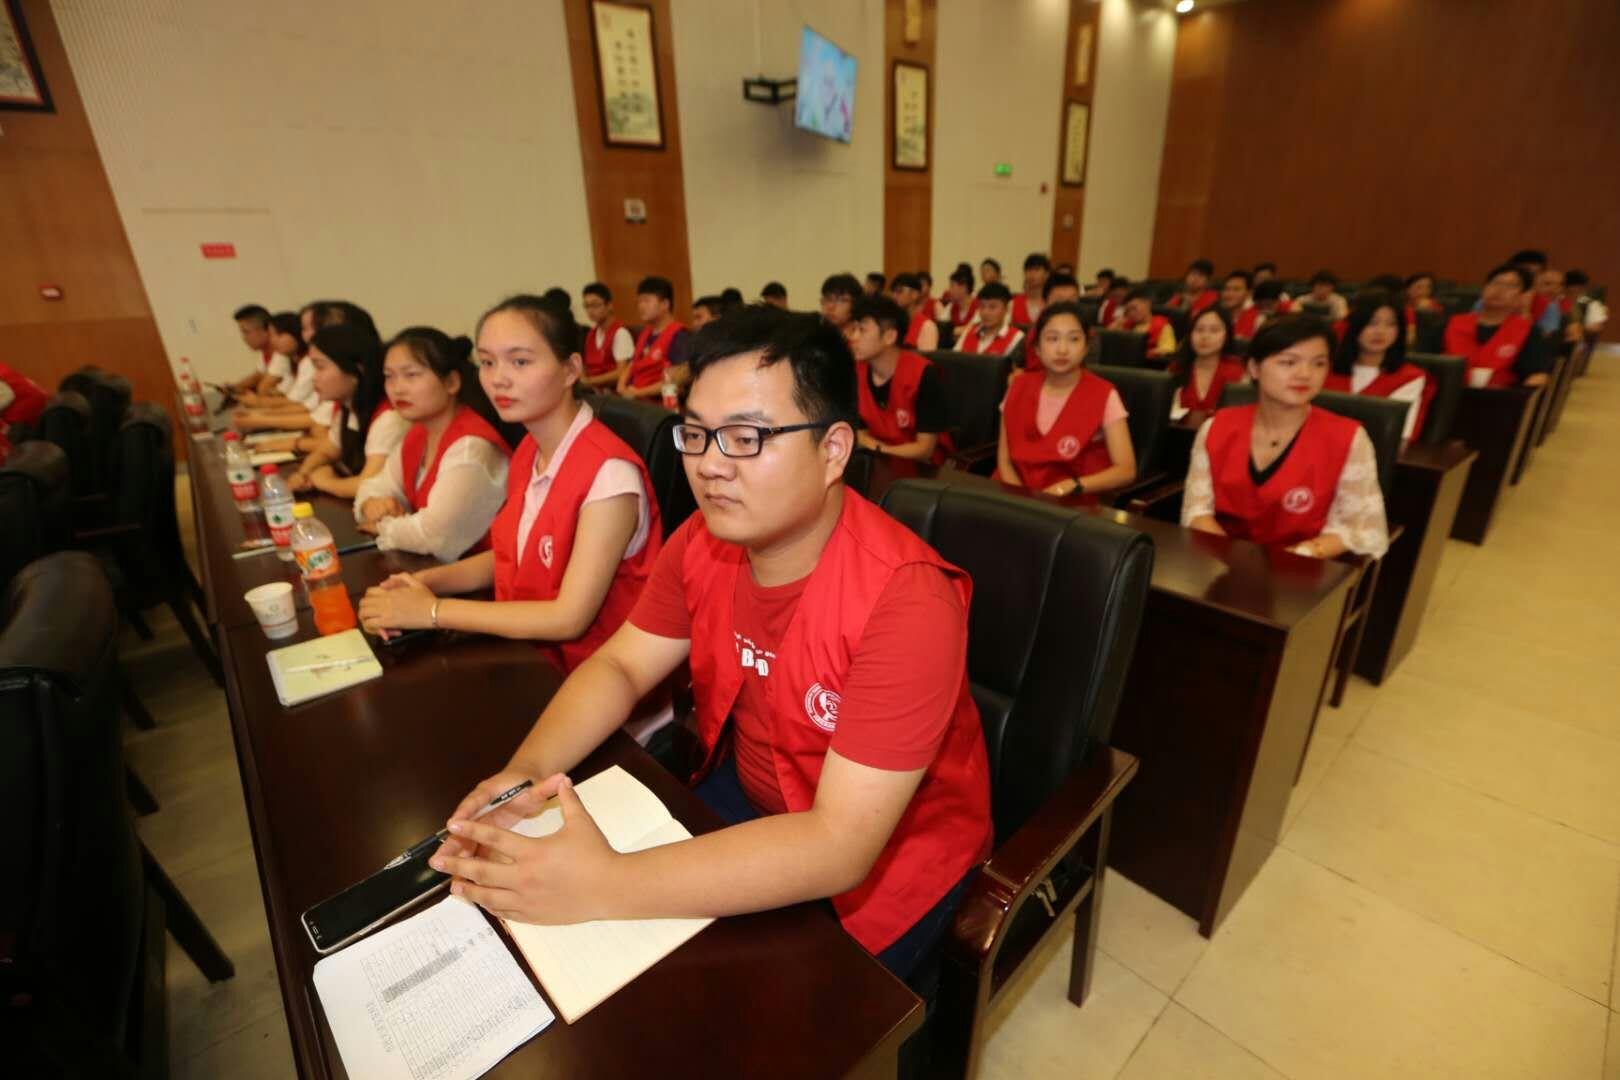 我院50多名军运会志愿者 应邀参加市民大讲堂第258期活动